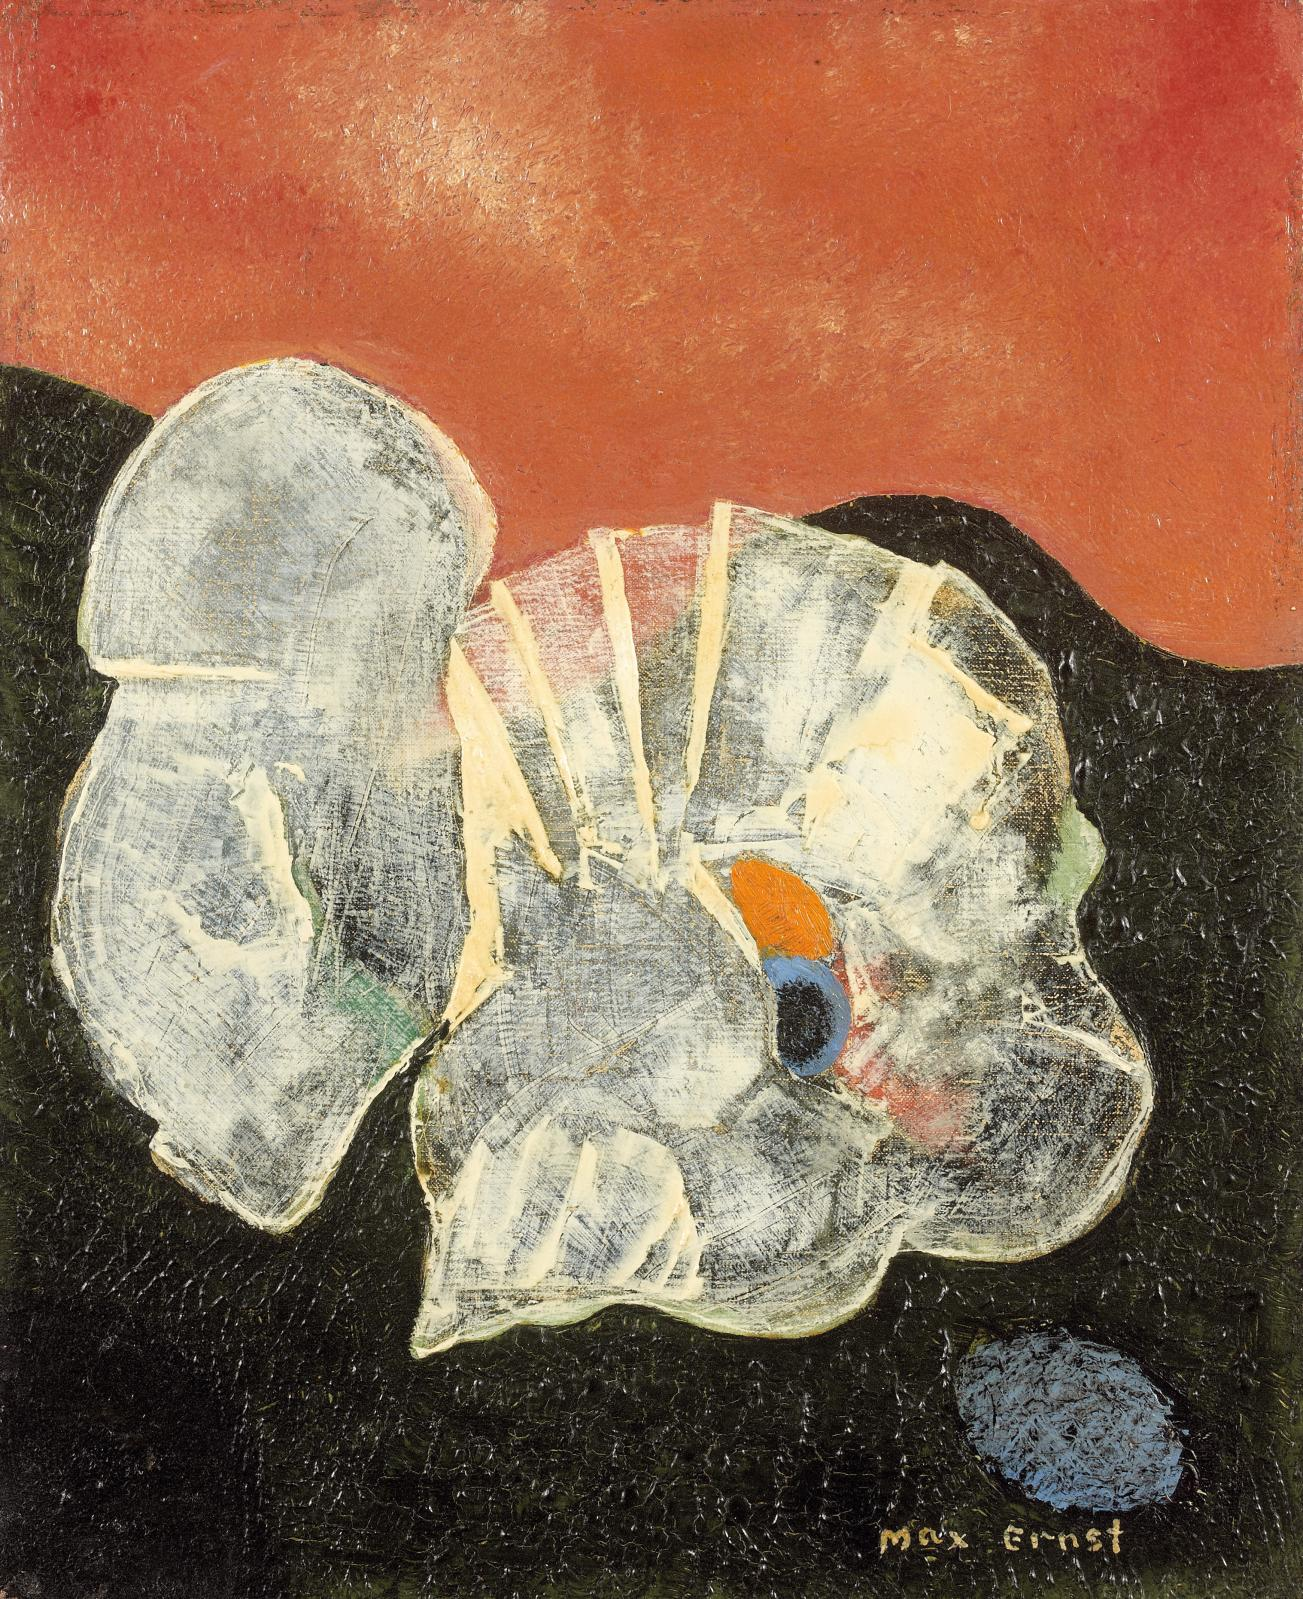 Max Ernst (1891-1976), Fleur et coquillage, huile sur toile, 27x21,8cm.